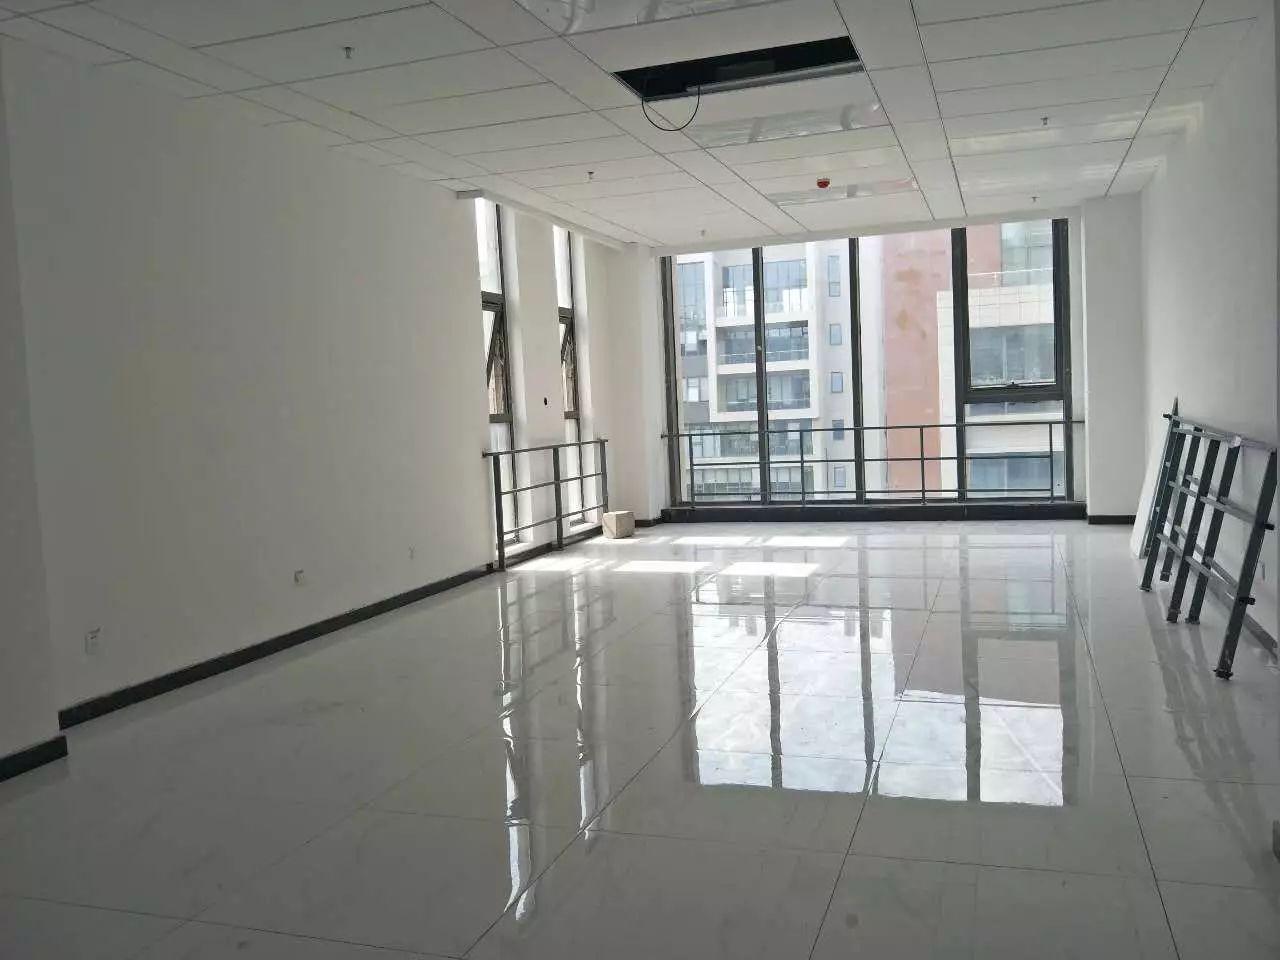 亦庄地铁口 写字楼130平送定制装修 租金2元